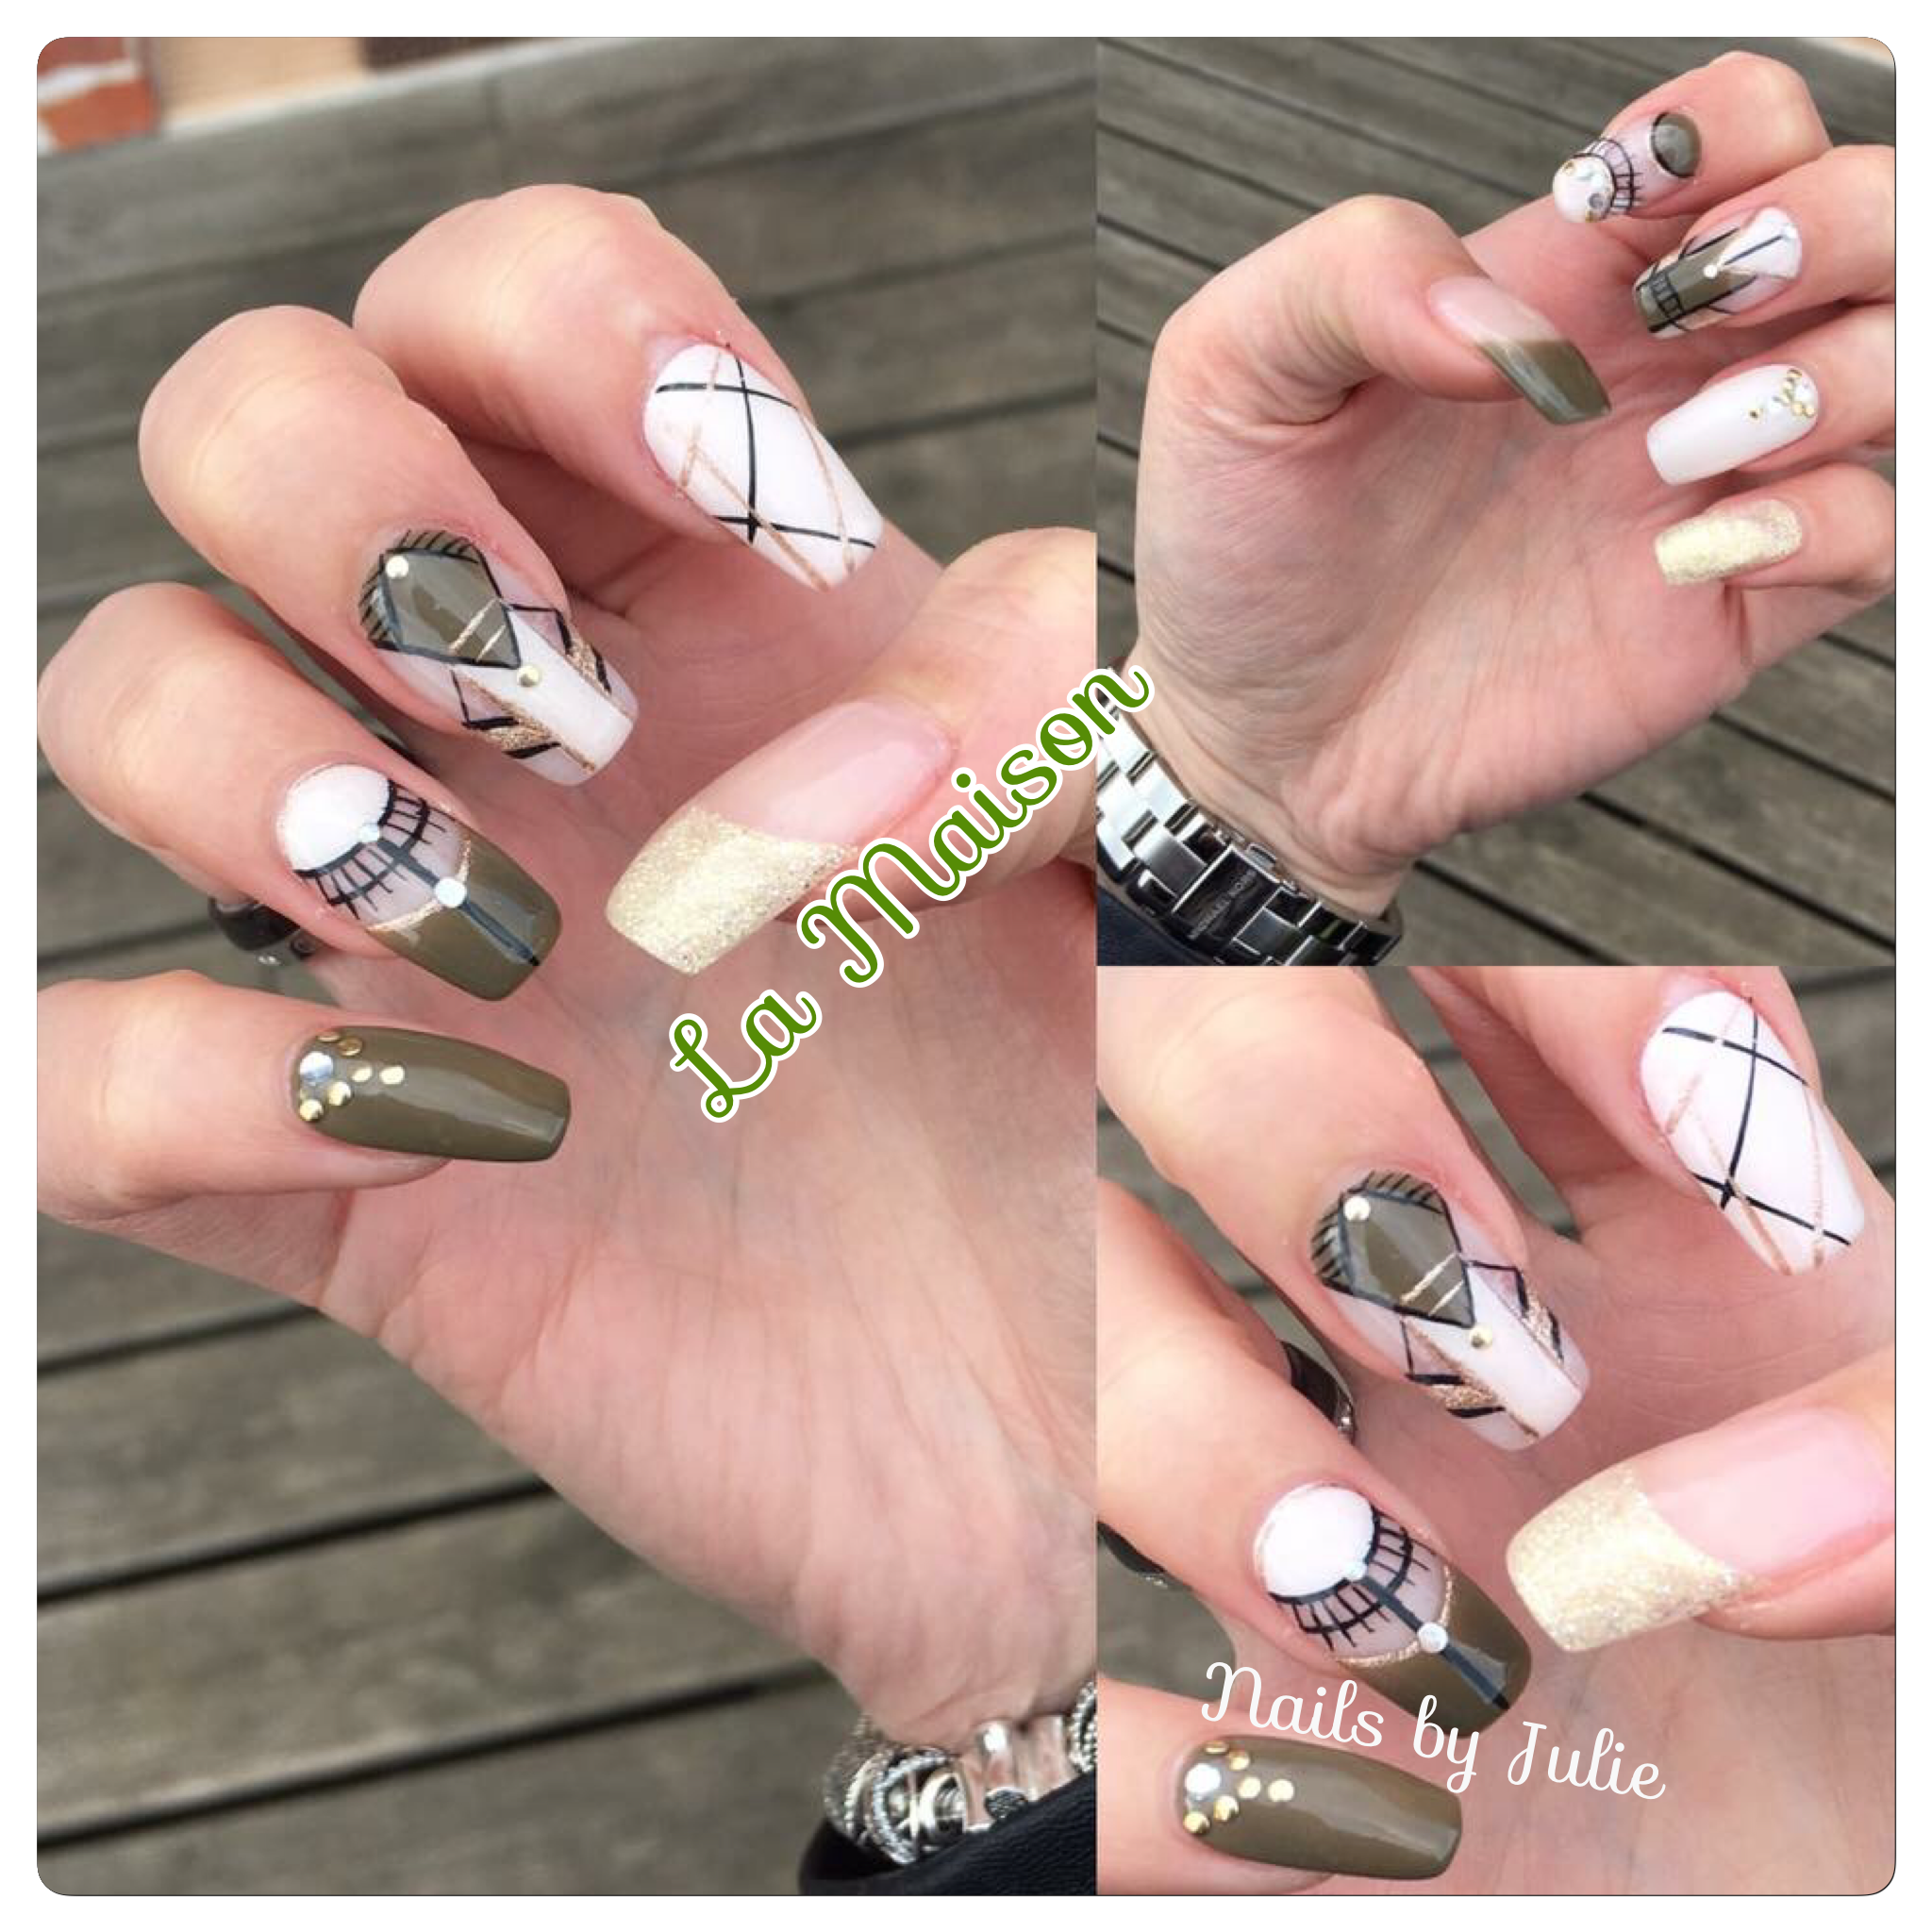 Ongles en gel kaki rose poudré nacré dessins mains nails design